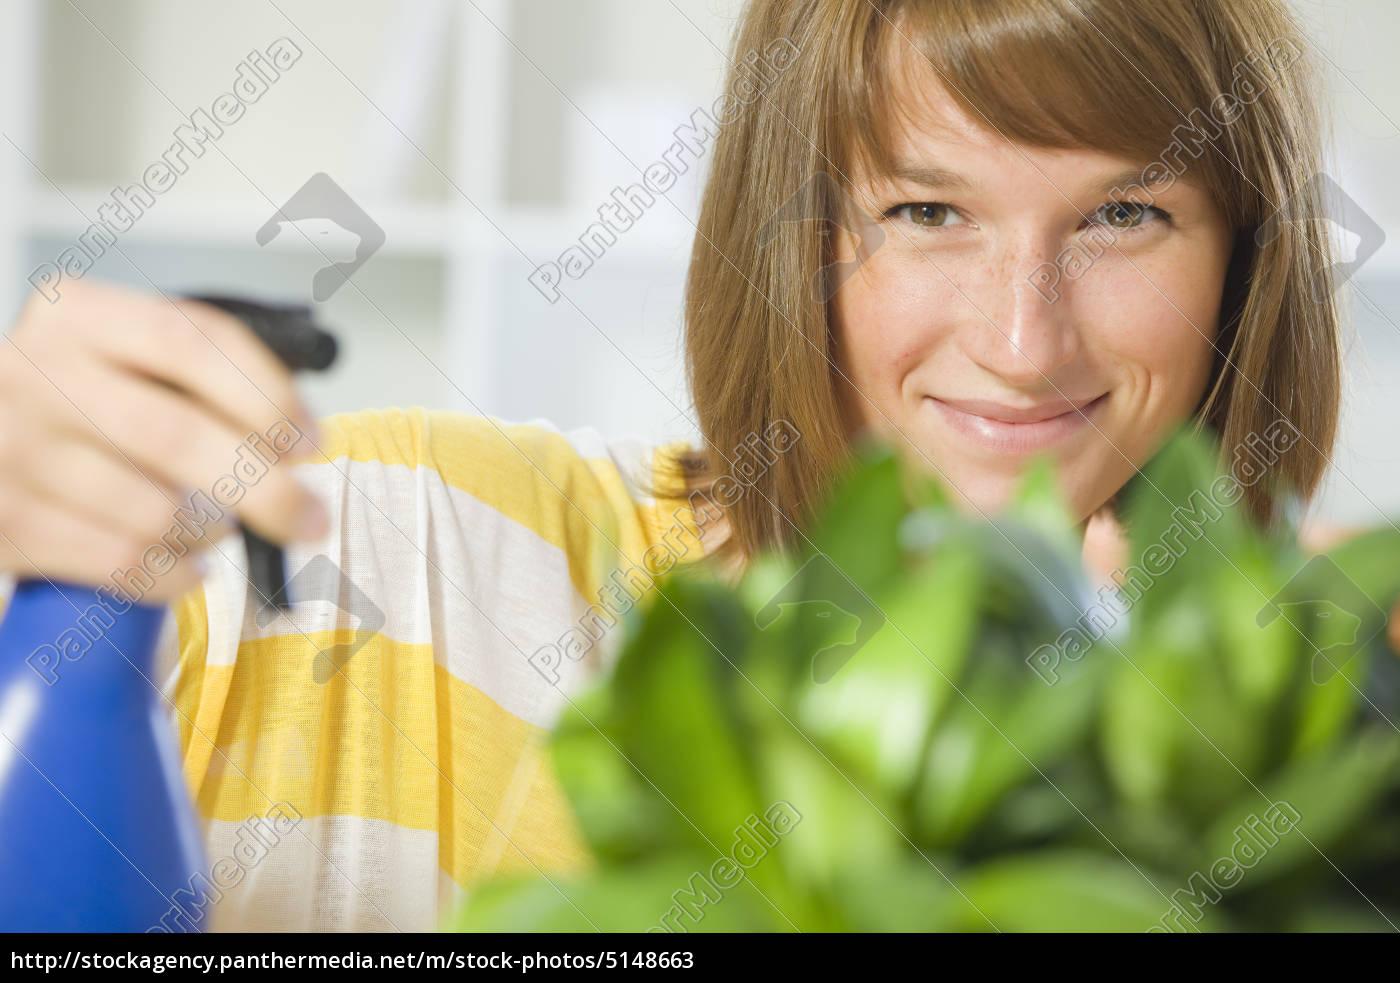 frau, gieverwässert, pflanzen, zu, hause - 5148663